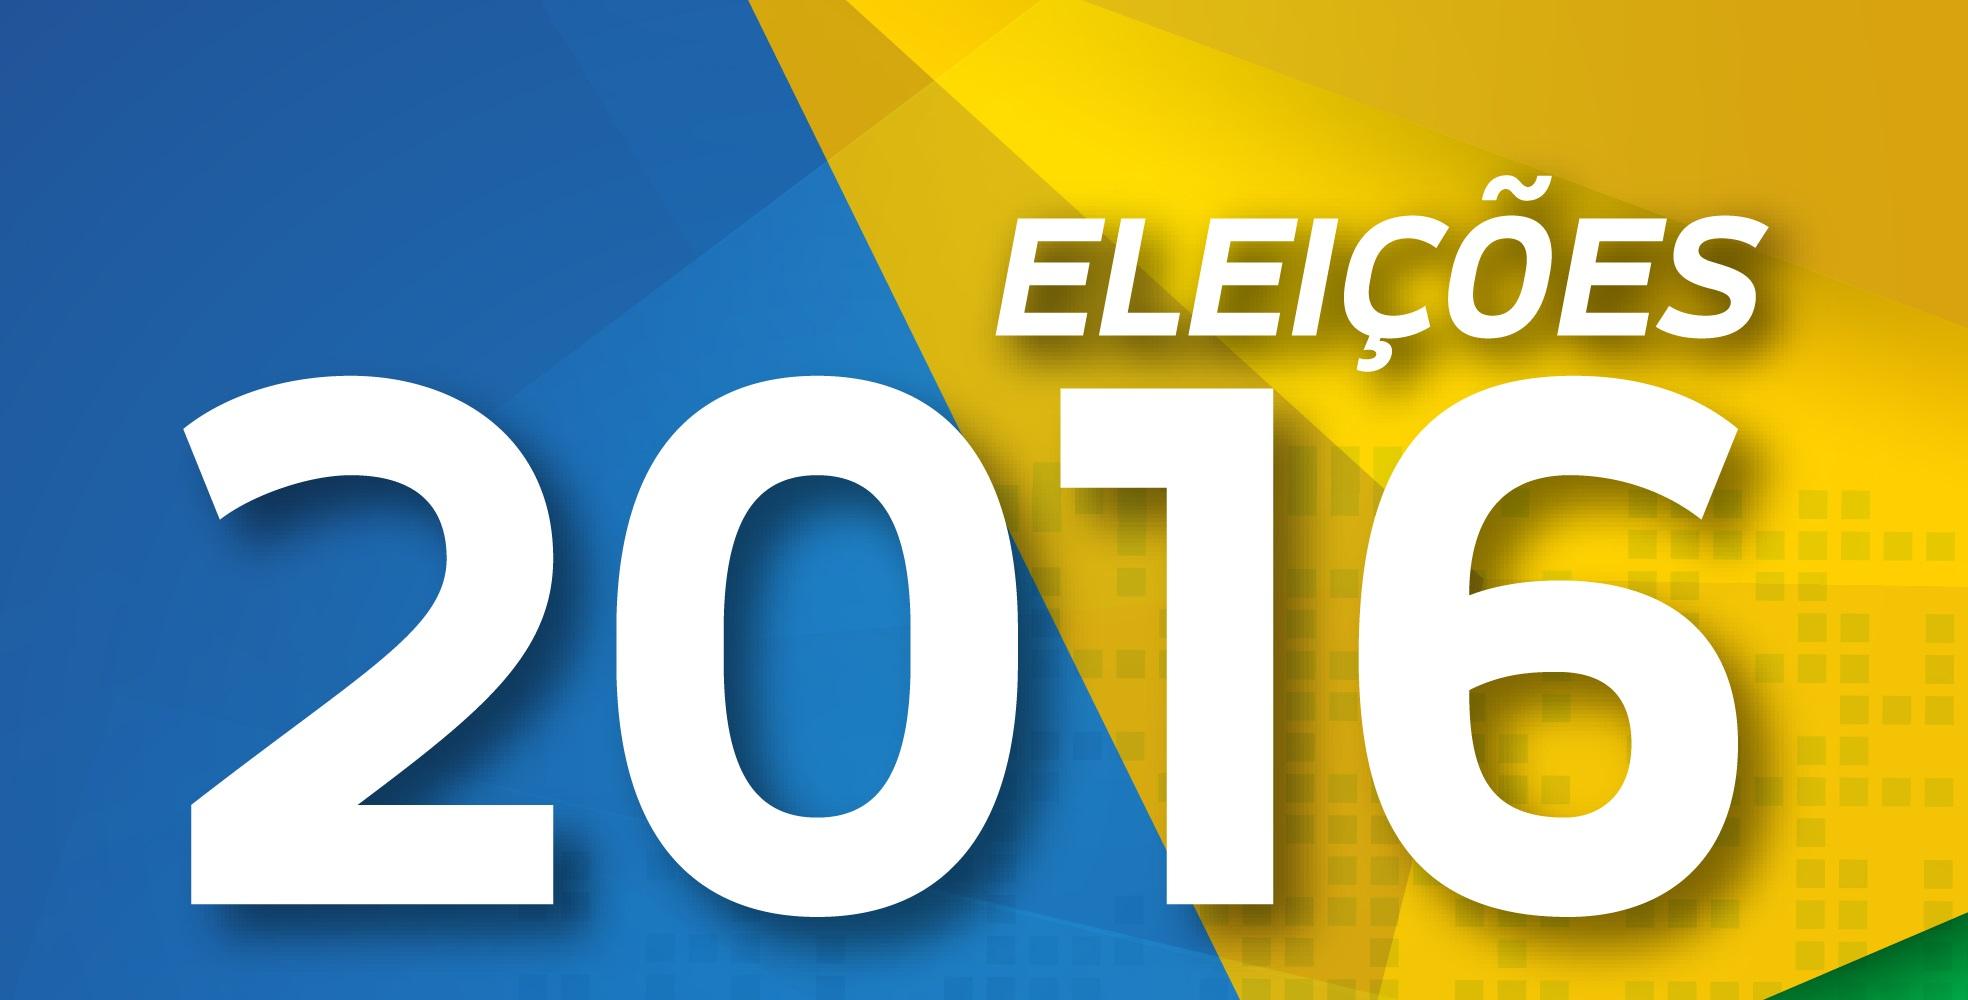 Eleitor que não votou nem justificou no 1º turno pode votar normalmente no 2º